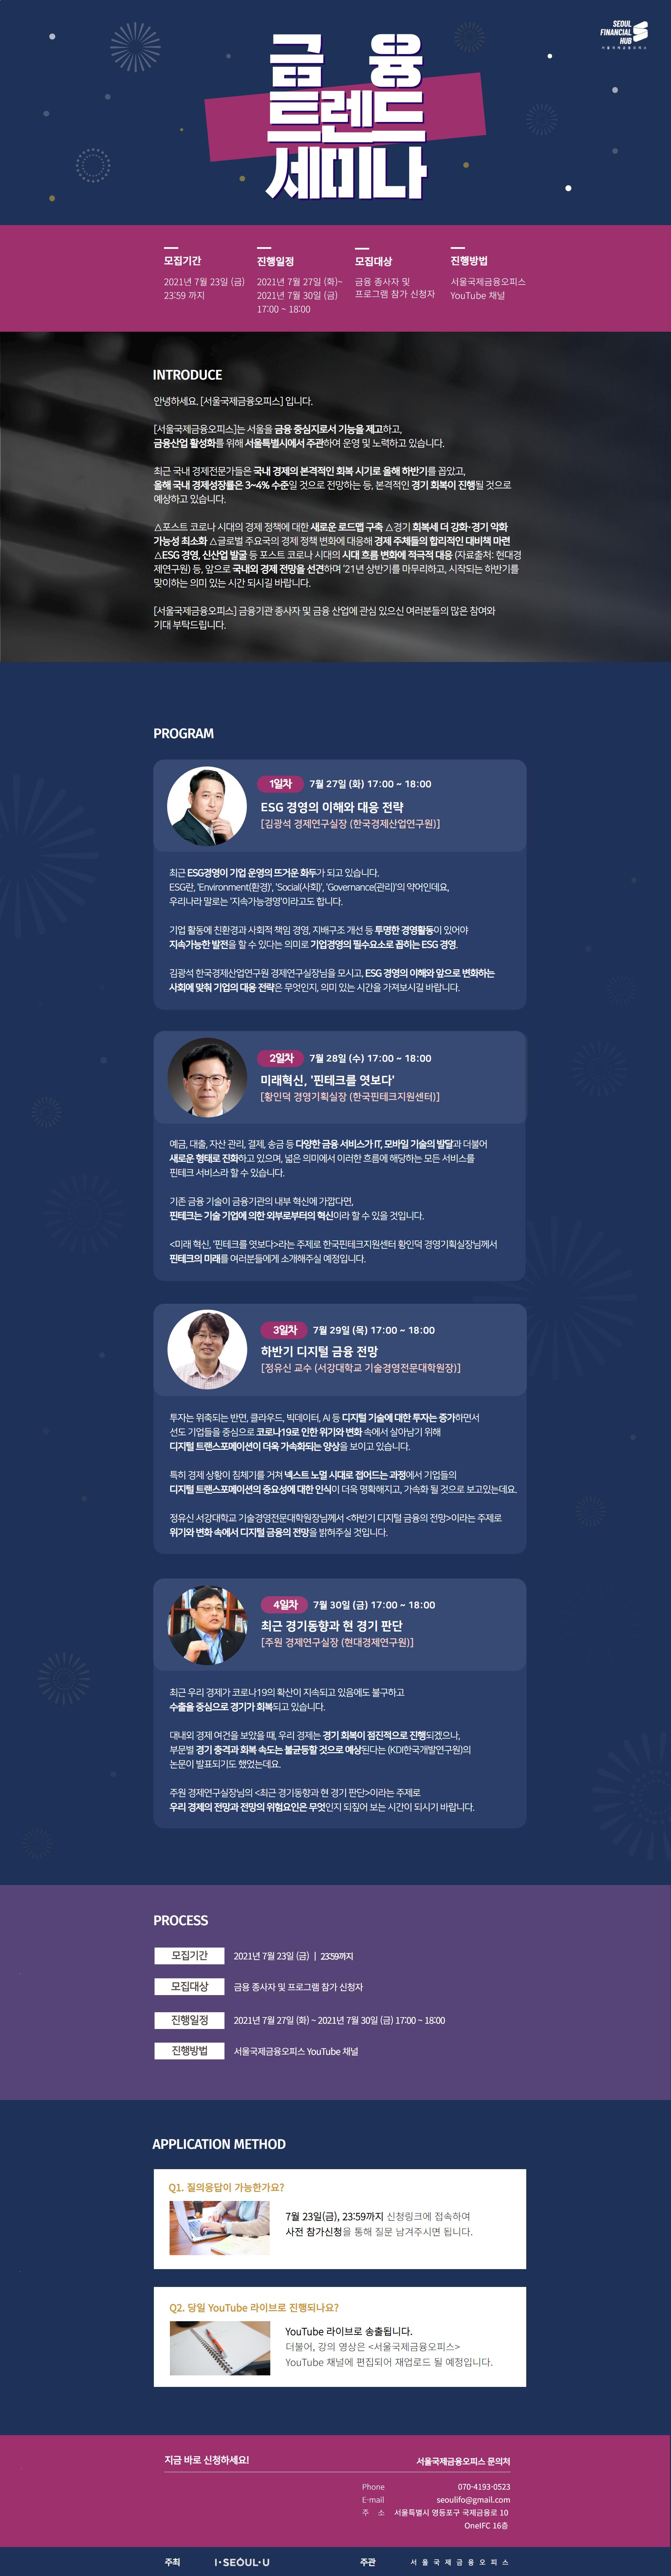 [서울국제금융오피스] 금융 트렌드 세미나